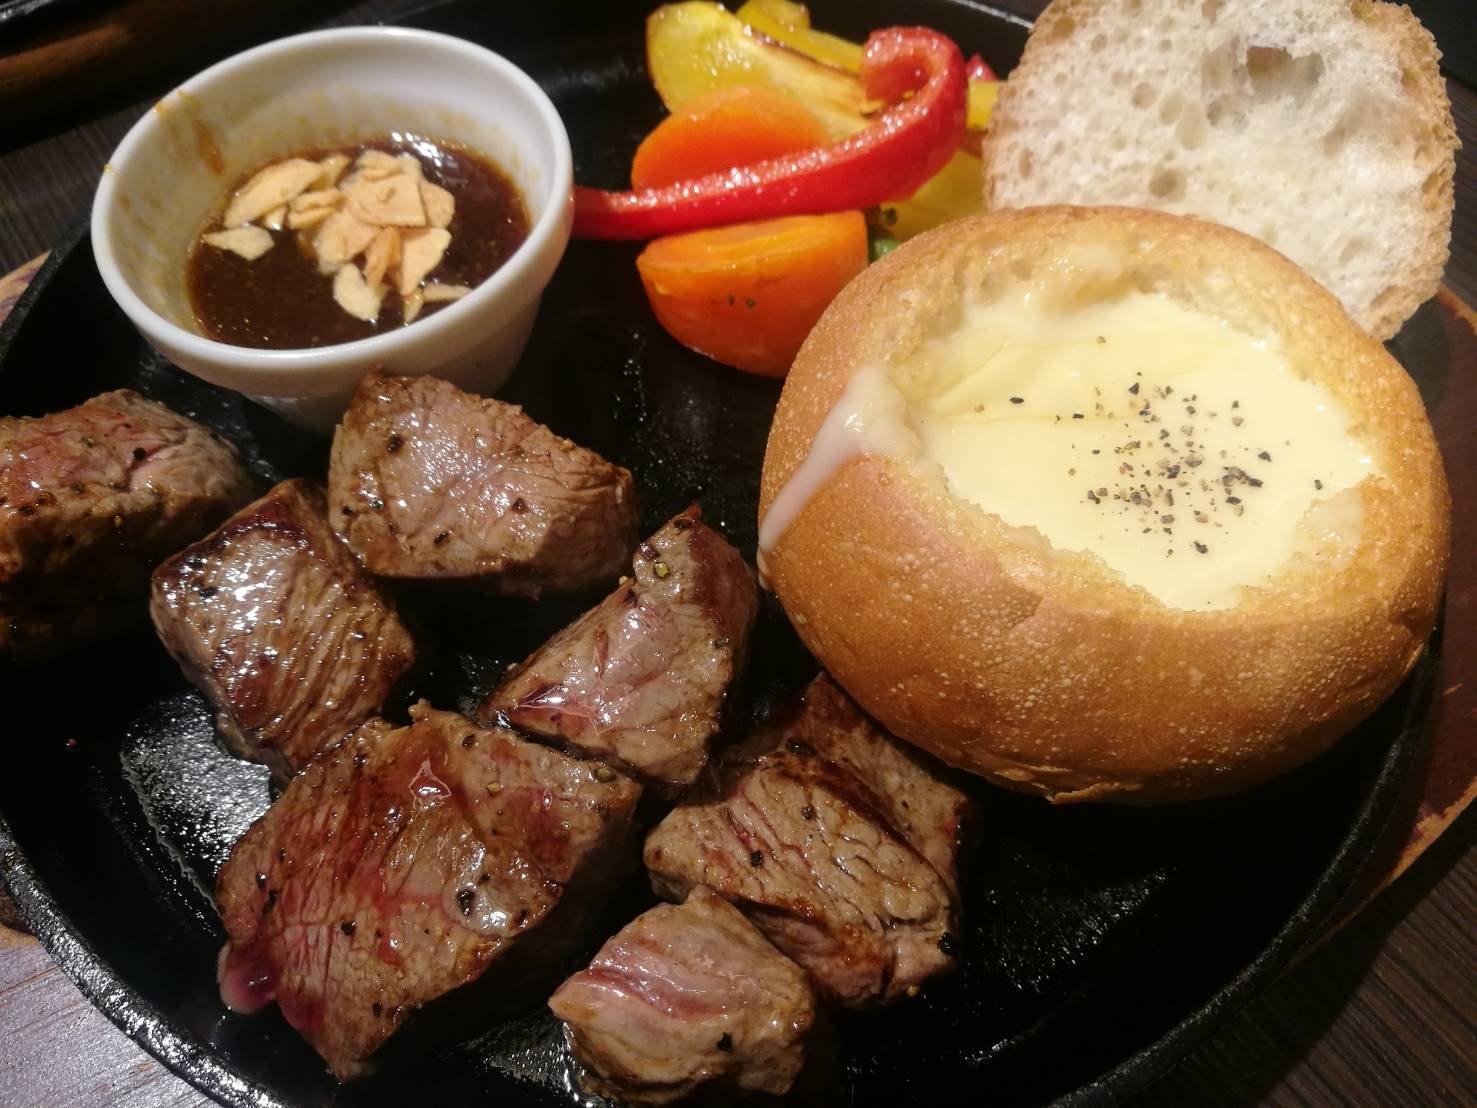 お肉とチーズフォンデュ♪食べてきました(*^◯^*)チーズが入って…